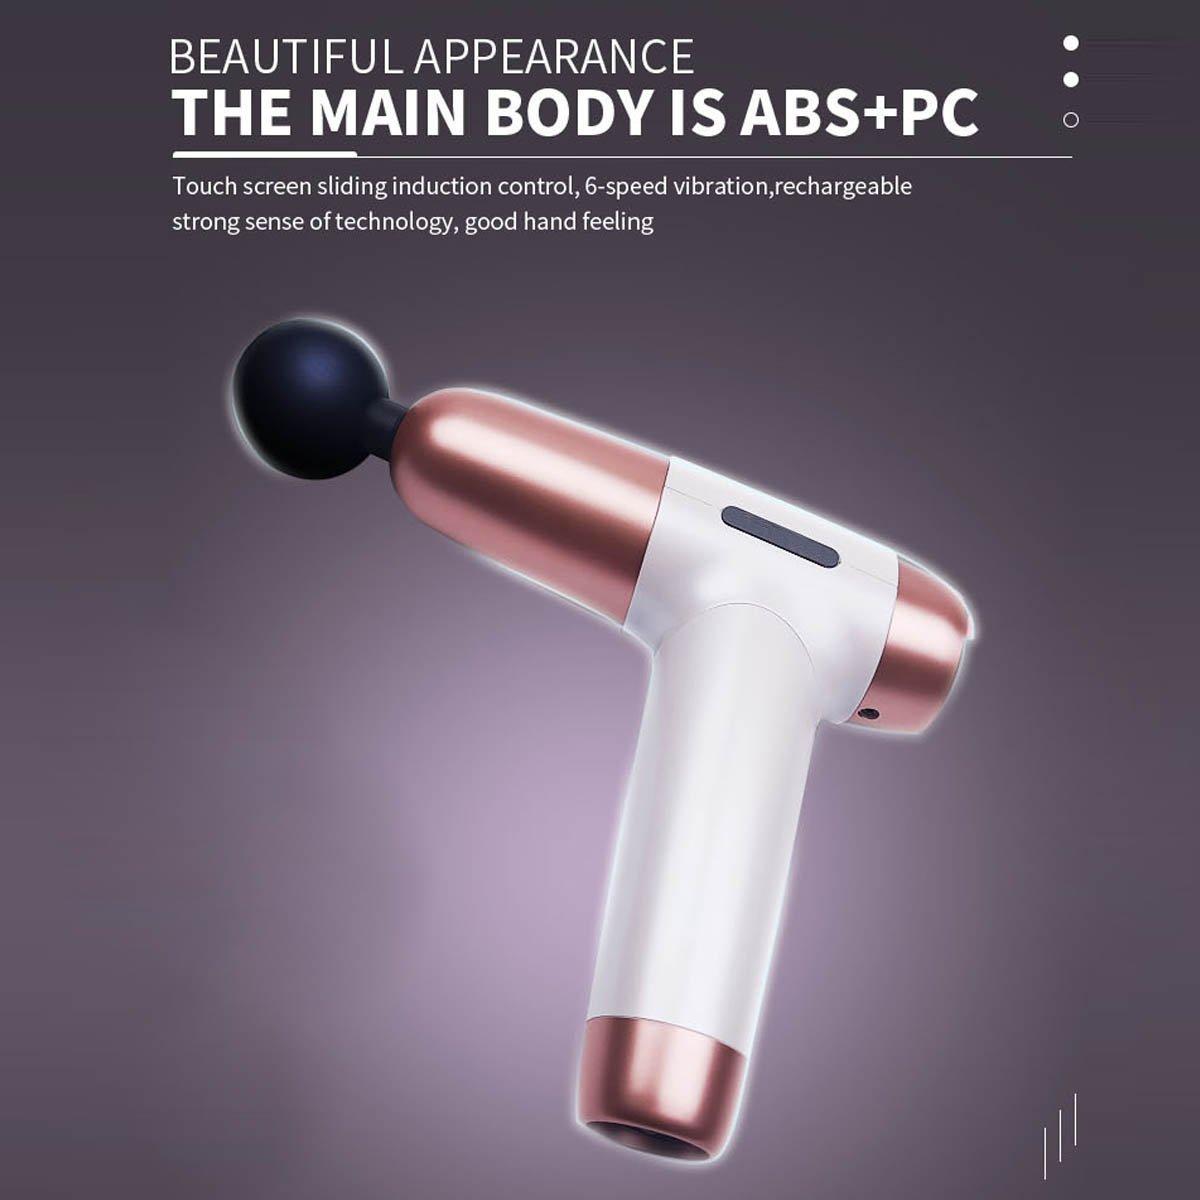 muscle massager manufacturer SoonPam